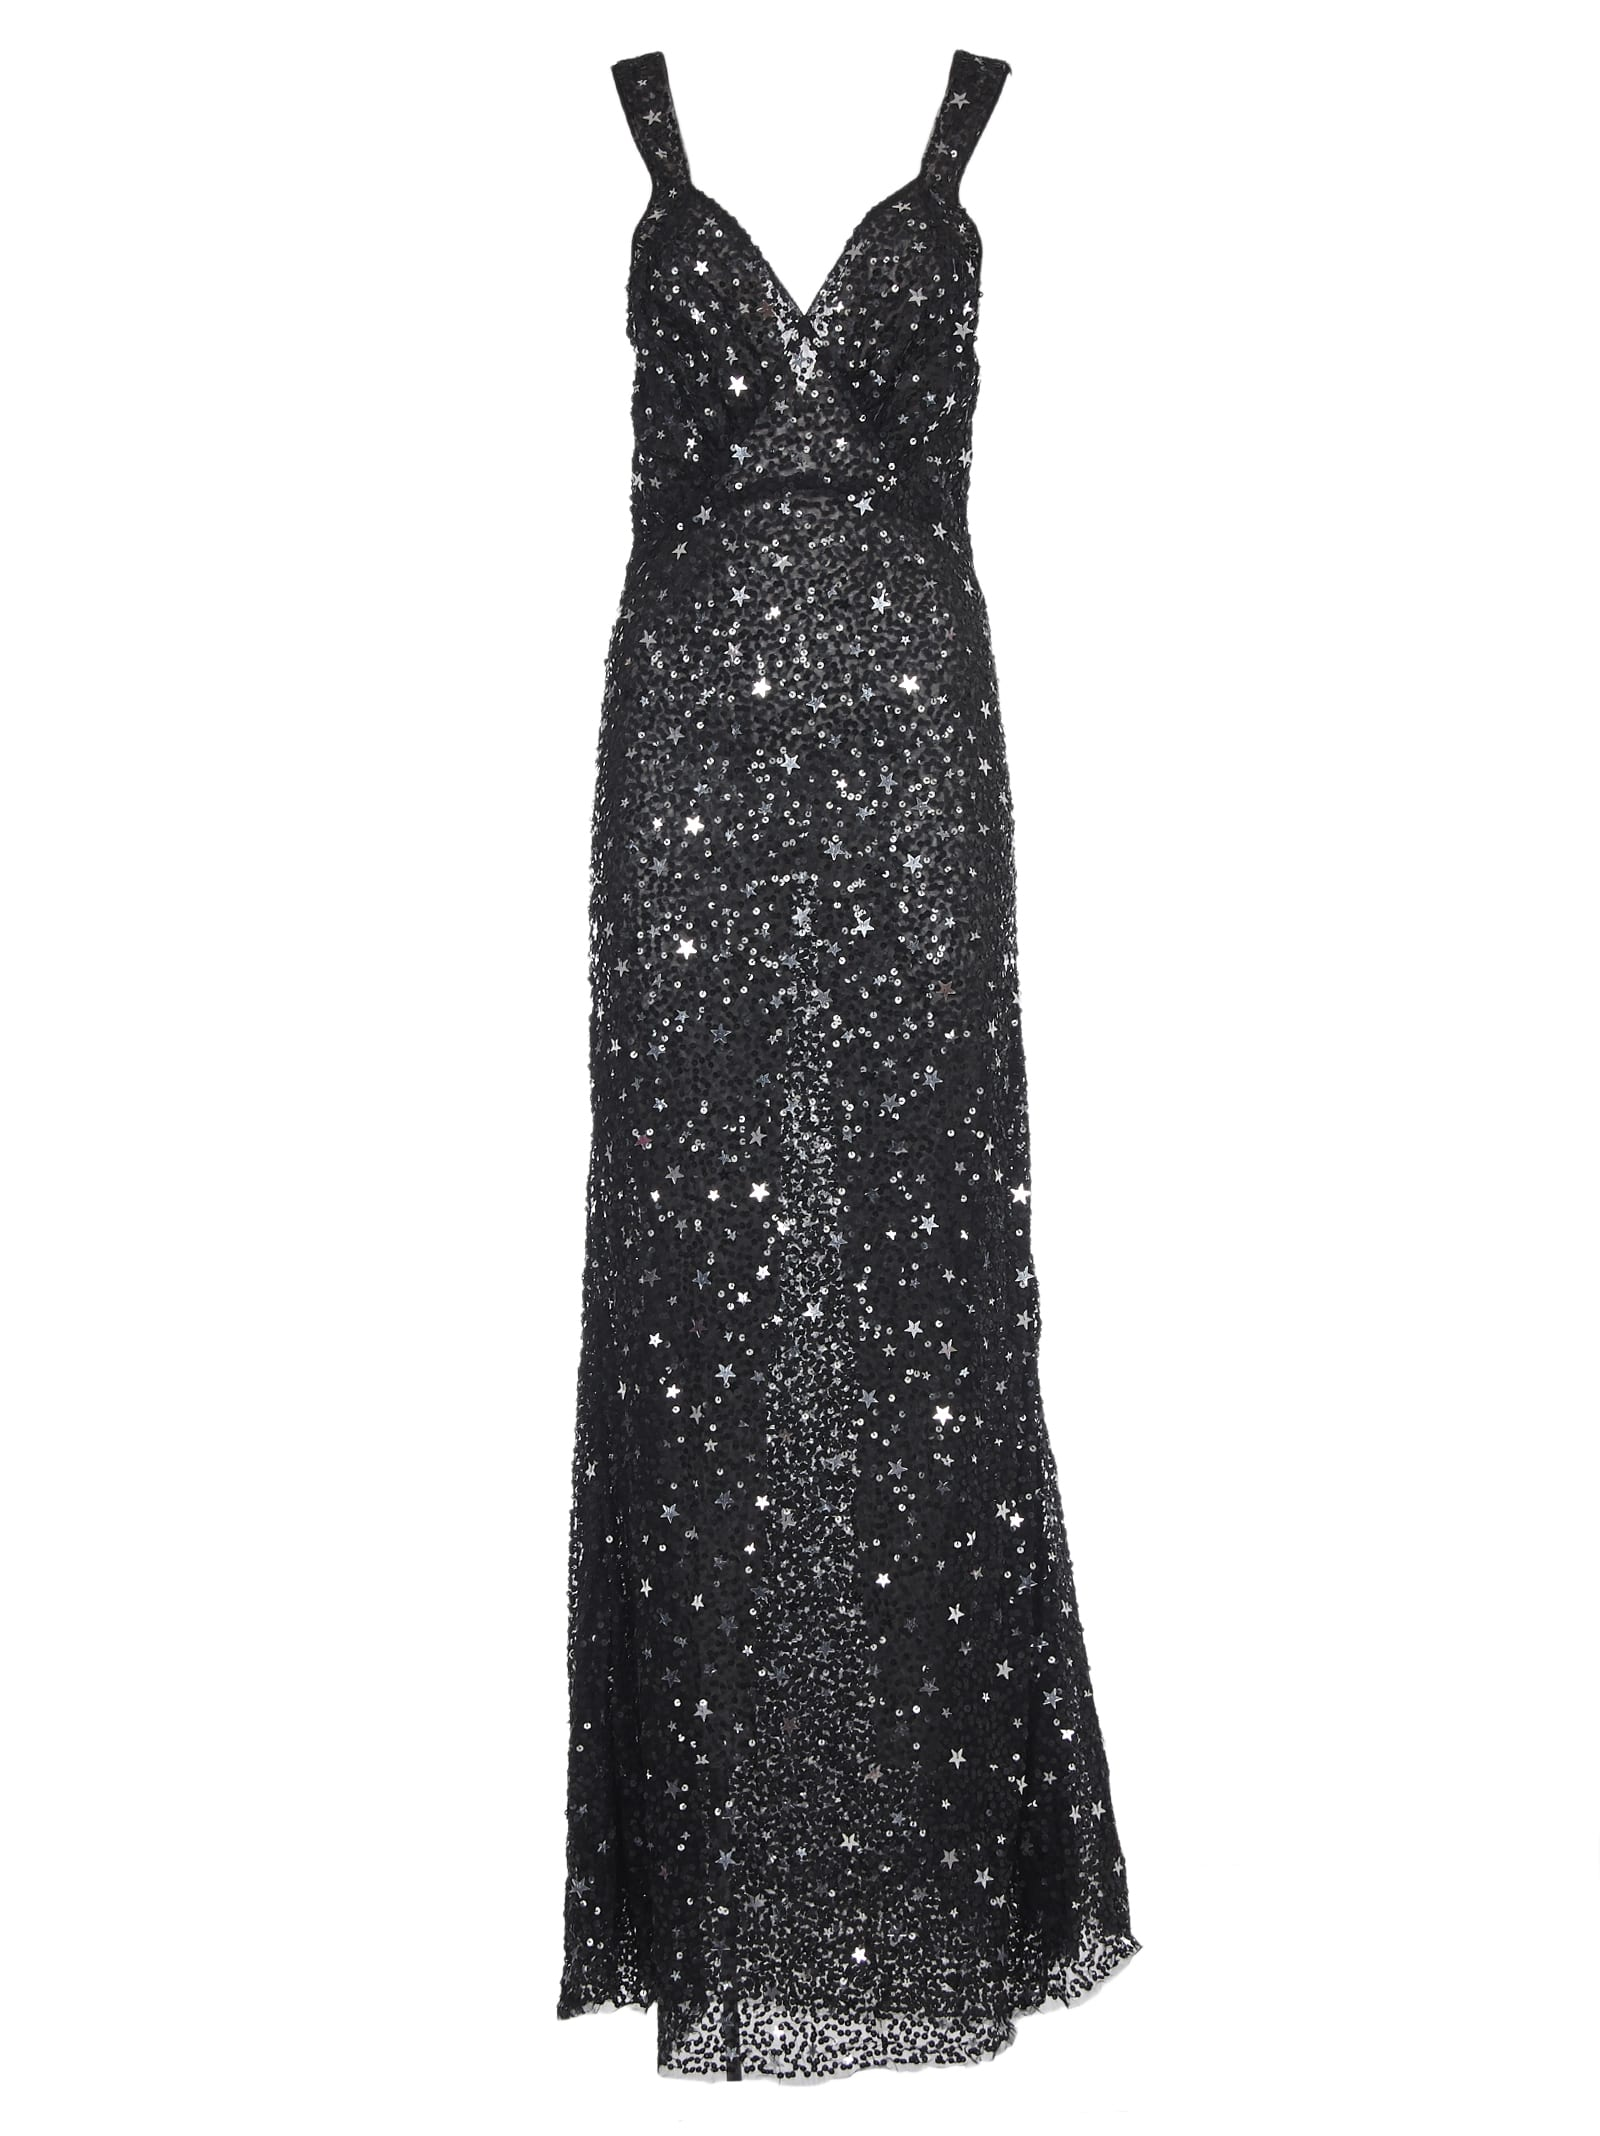 Attico Attico Star Sequin Dress Black 10899150 Italist